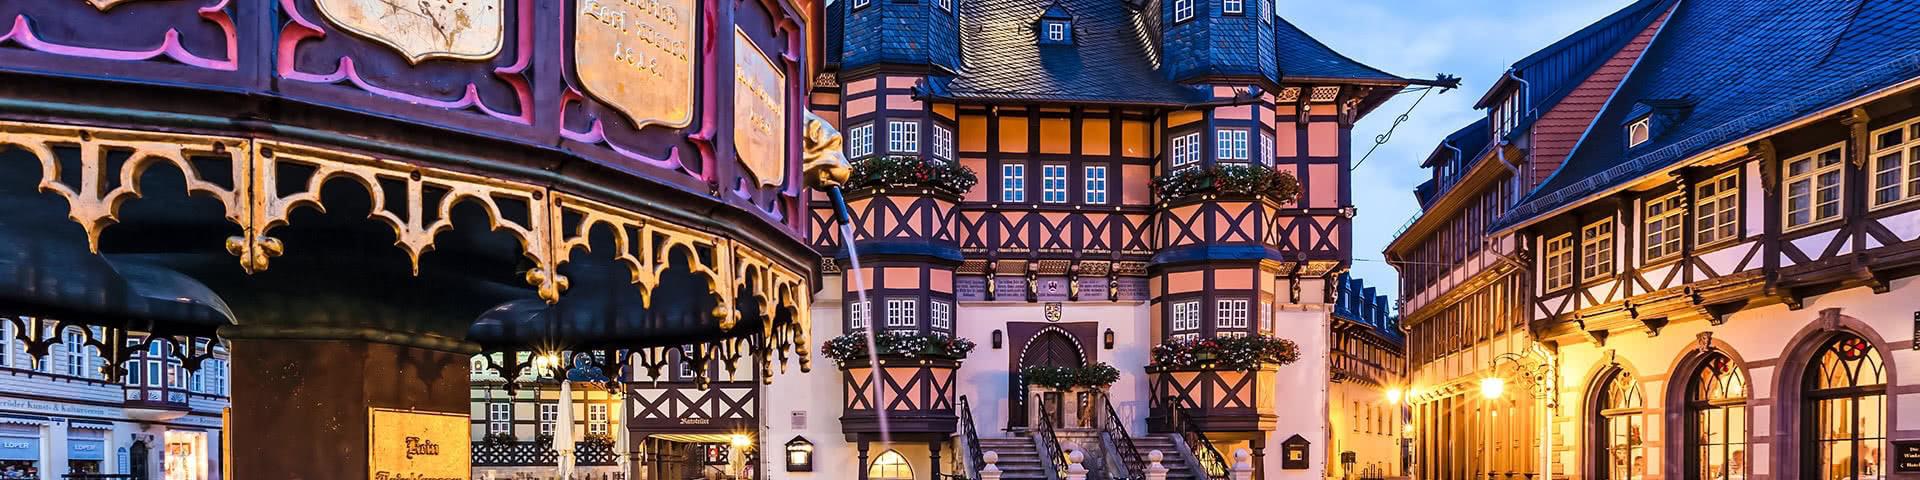 Rathaus von Wernigerode bei Dämmerung